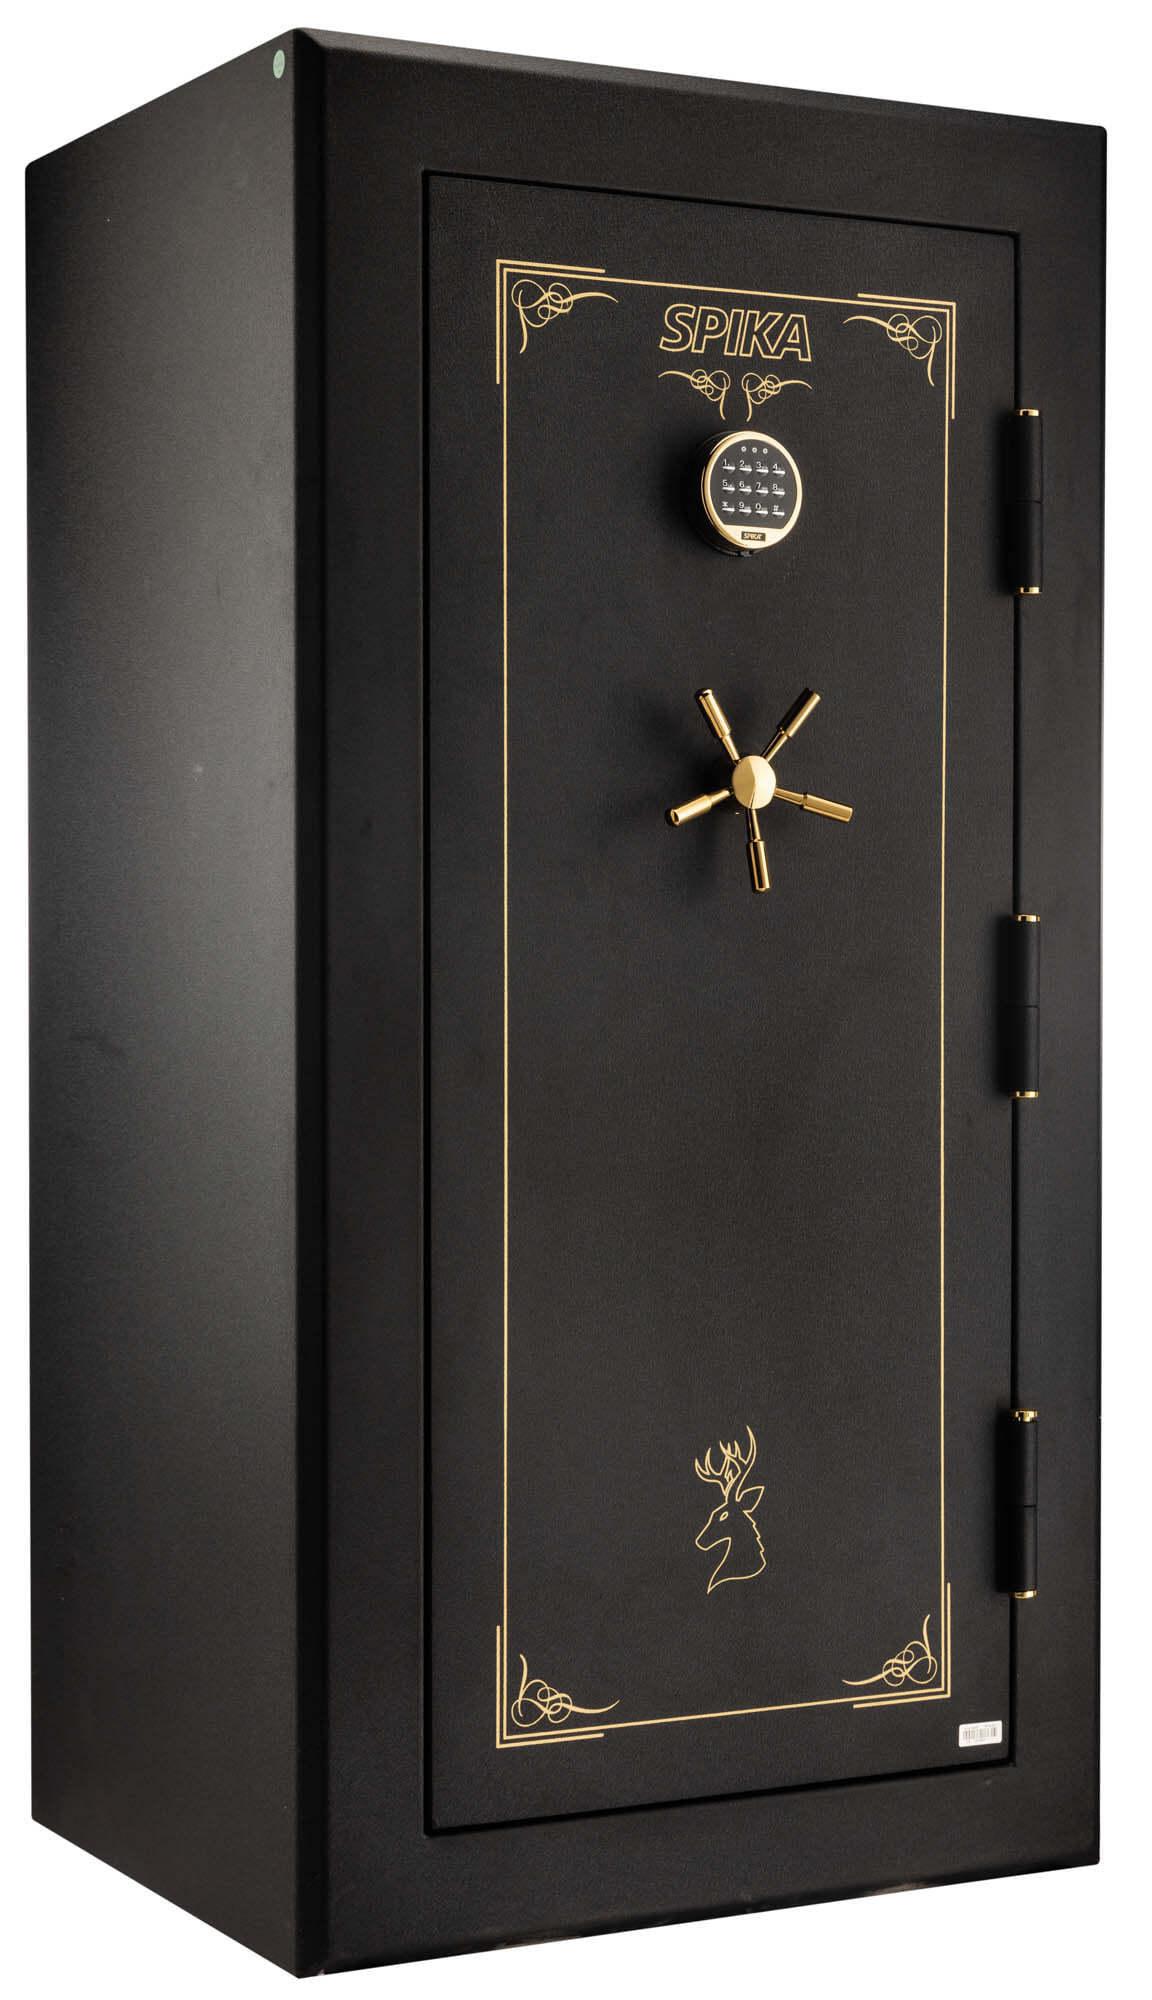 coffre fort digital antifeu 22 armes. Black Bedroom Furniture Sets. Home Design Ideas